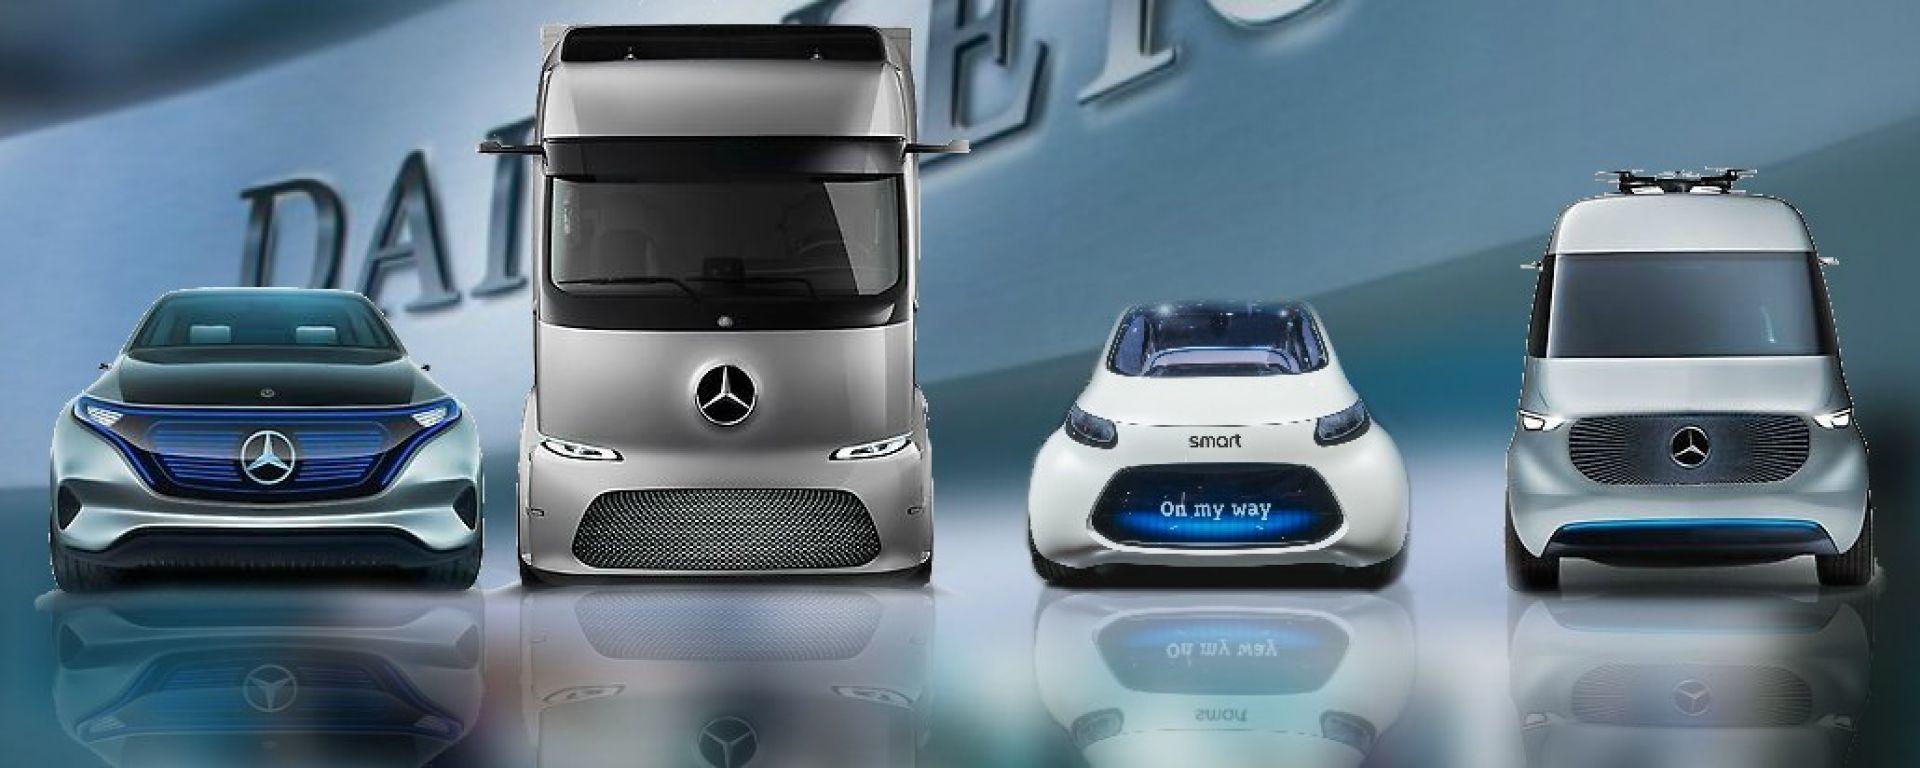 Mercedes-Benz: al via la nuova strategia